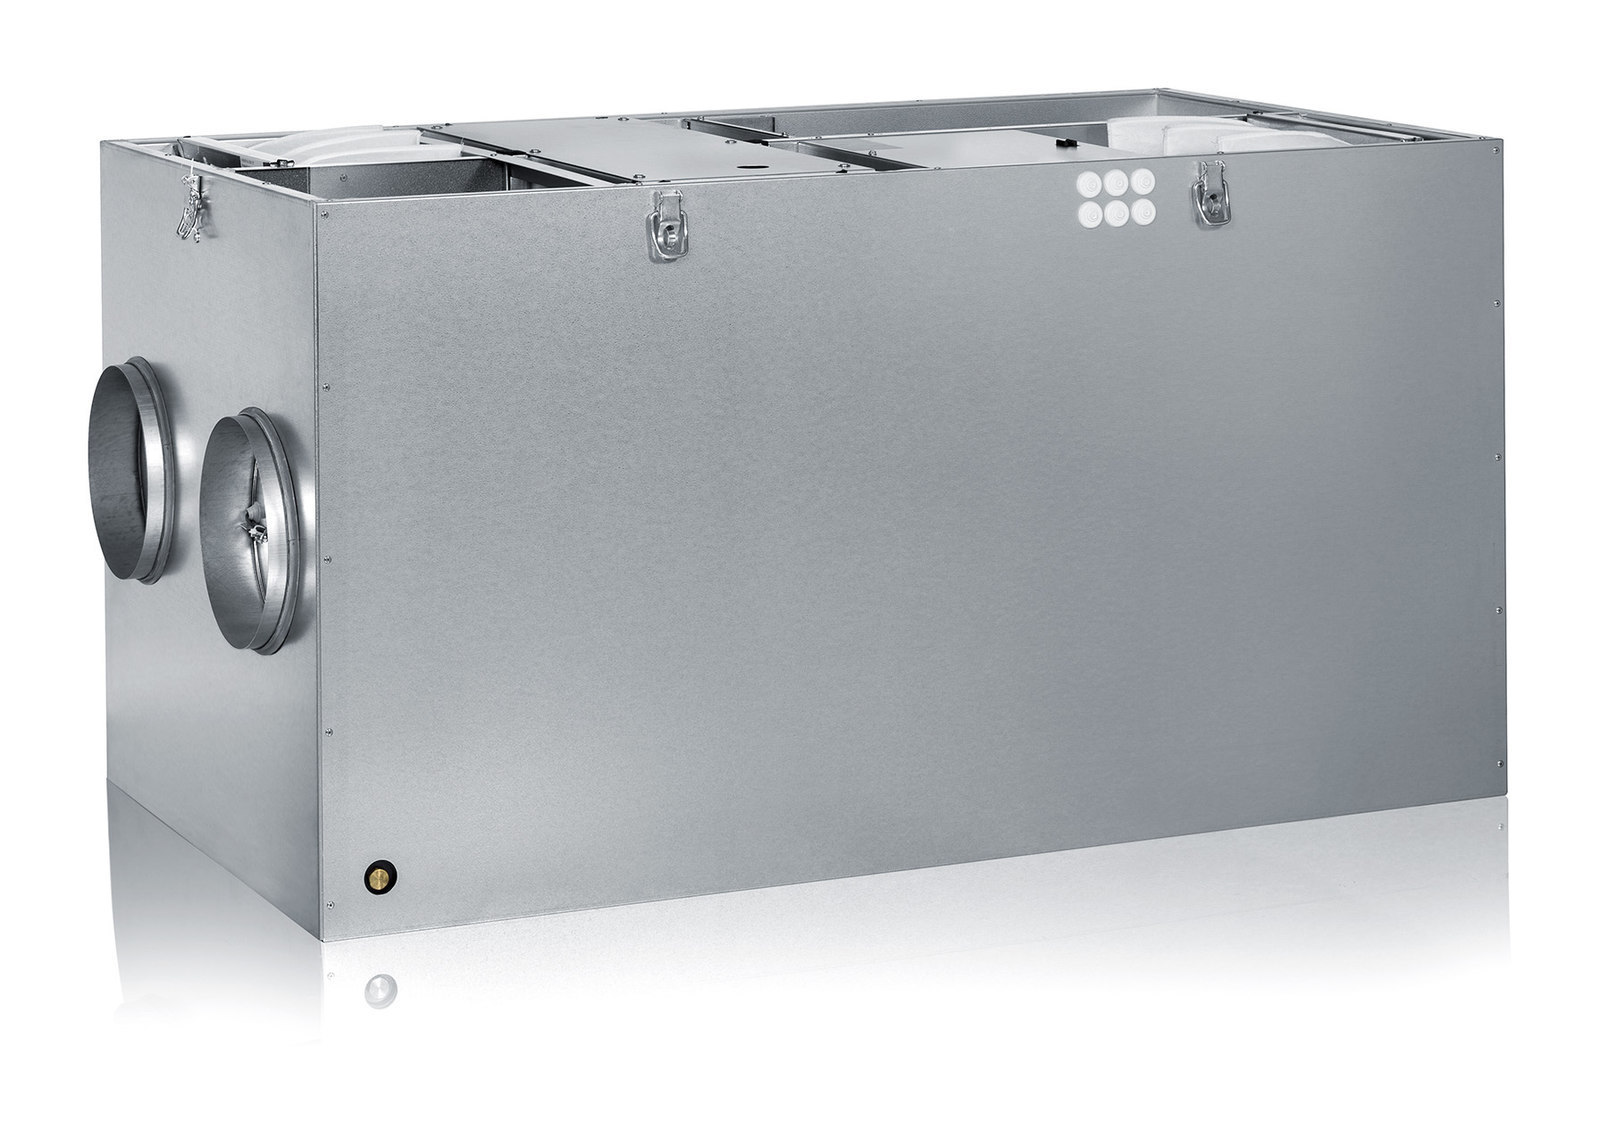 Ilmanvaihtokone Enervent LTR-6 190 eco EC yläpuoli avoinna